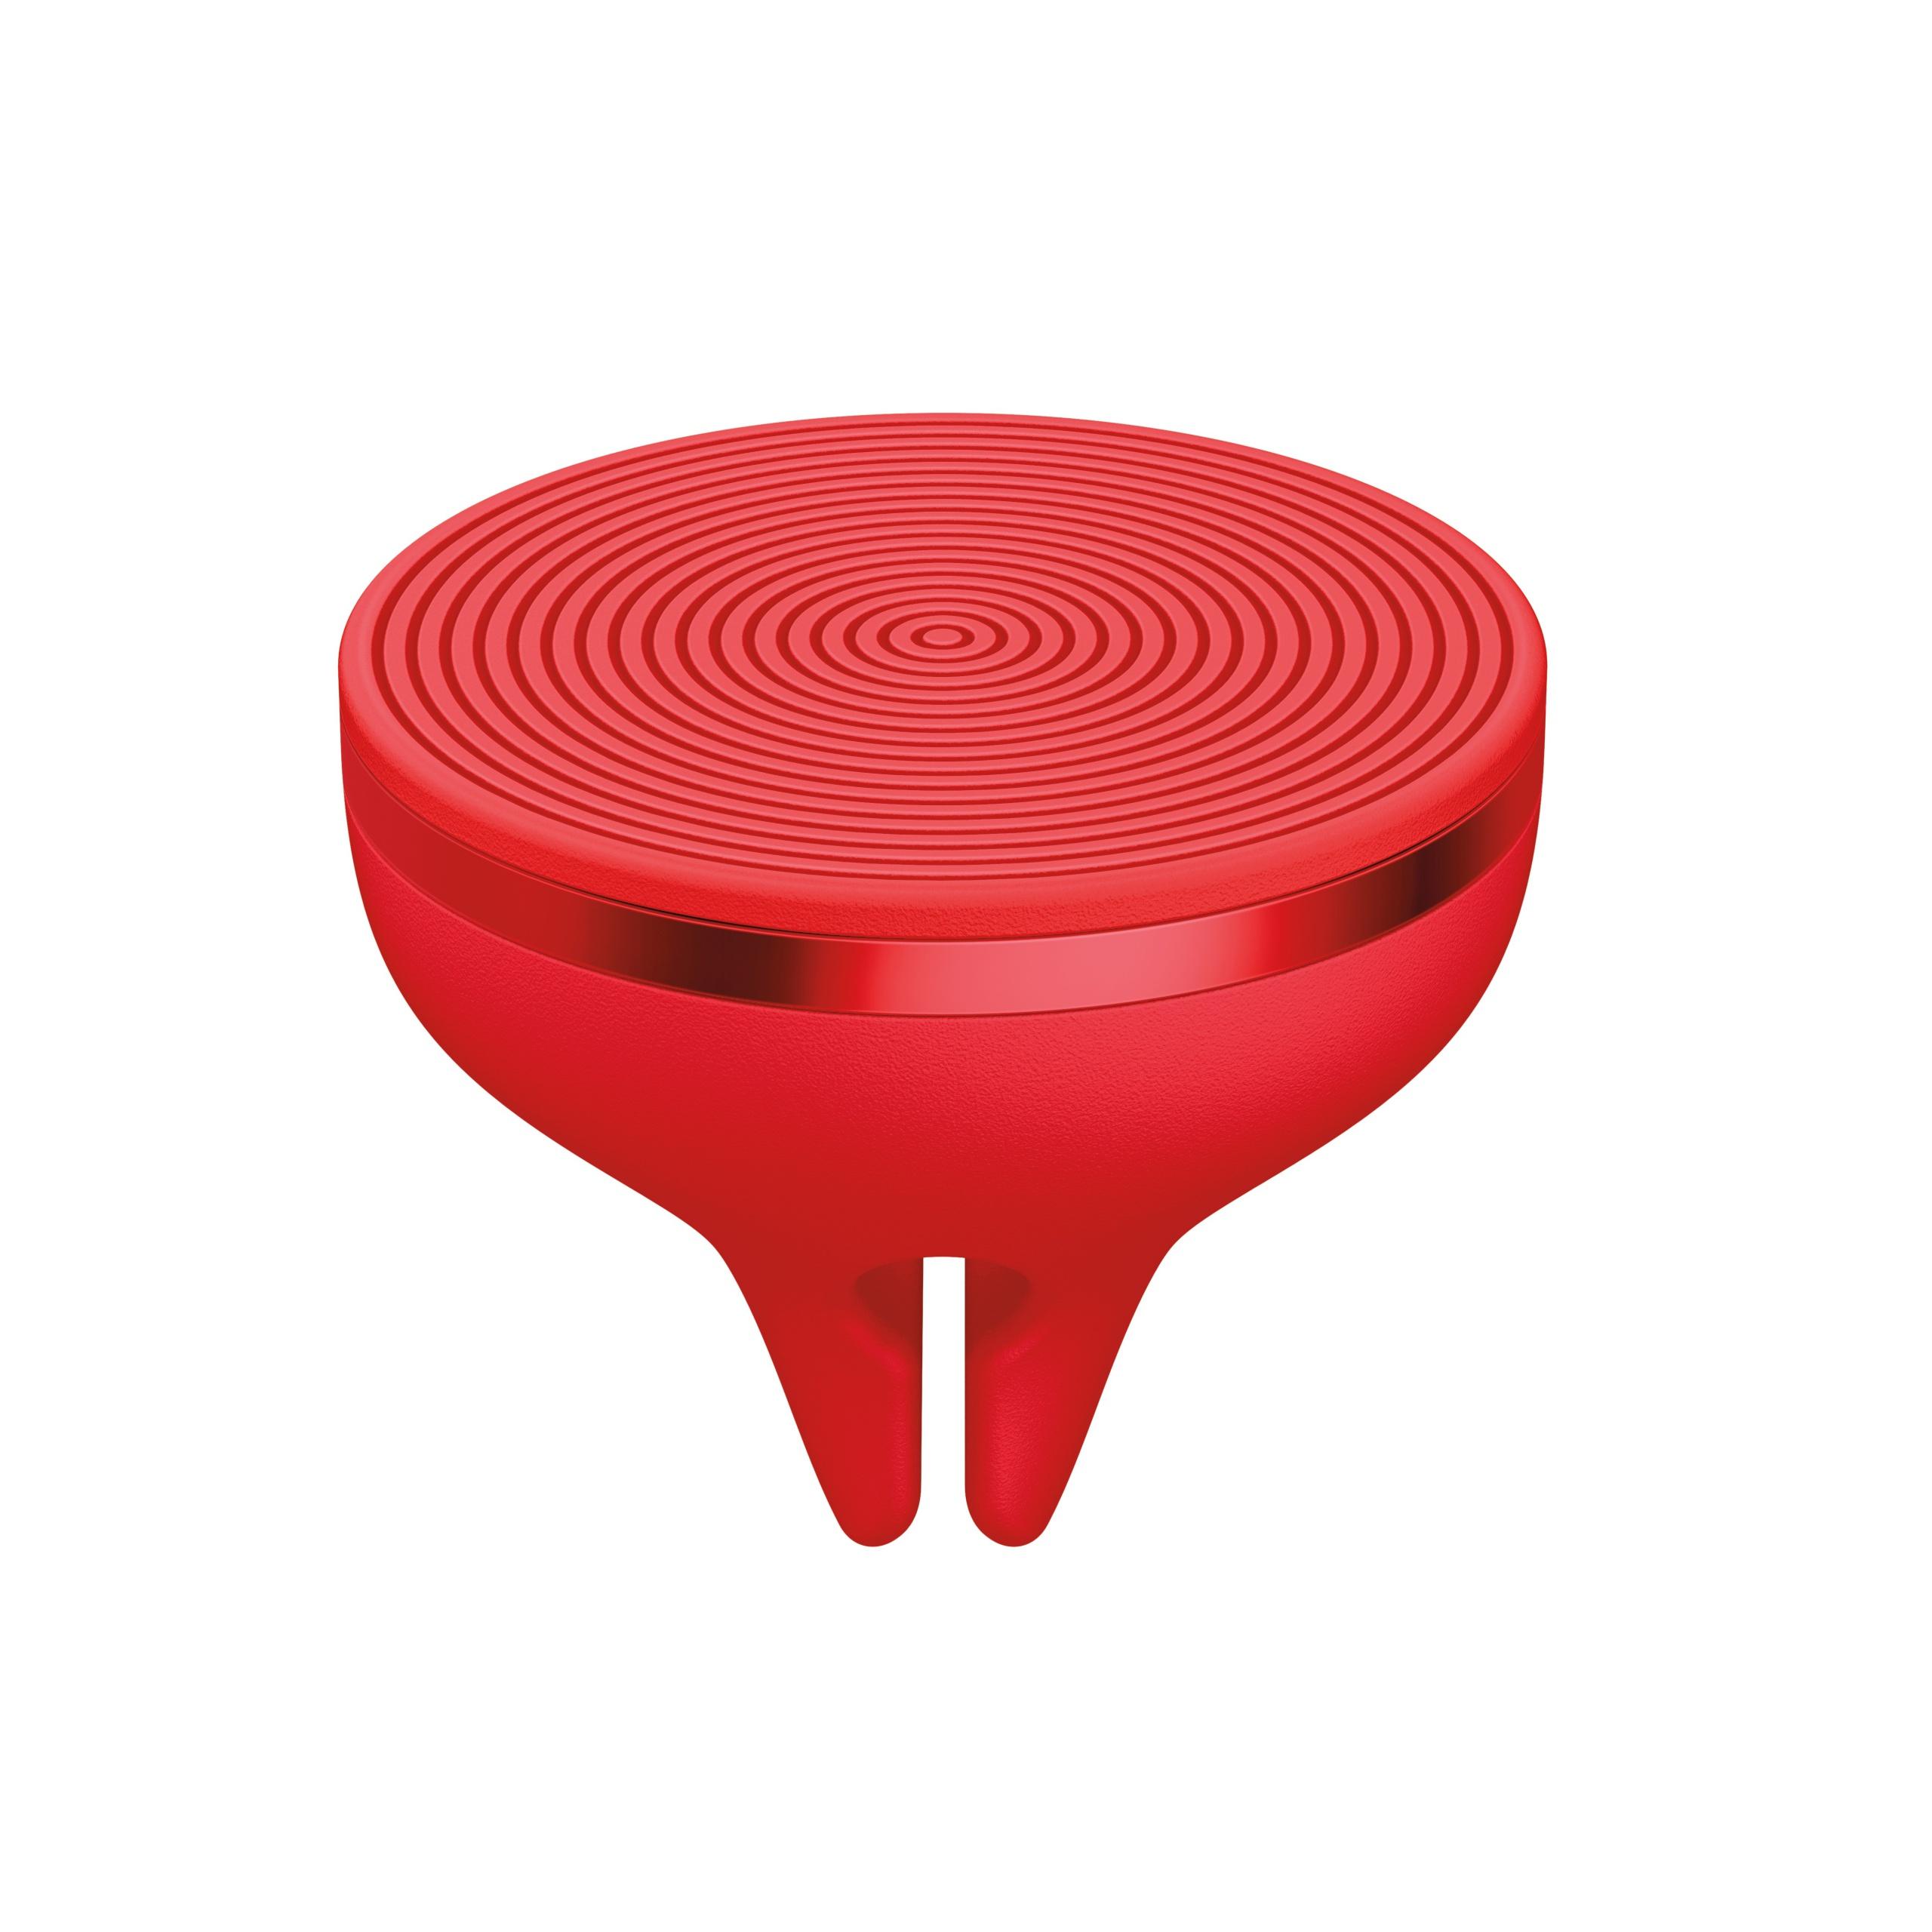 Der magnetische Halter kommuniziert per Bluetooth und startet die ZeroTouch App, sobald das Telefon an der Halterung sitzt